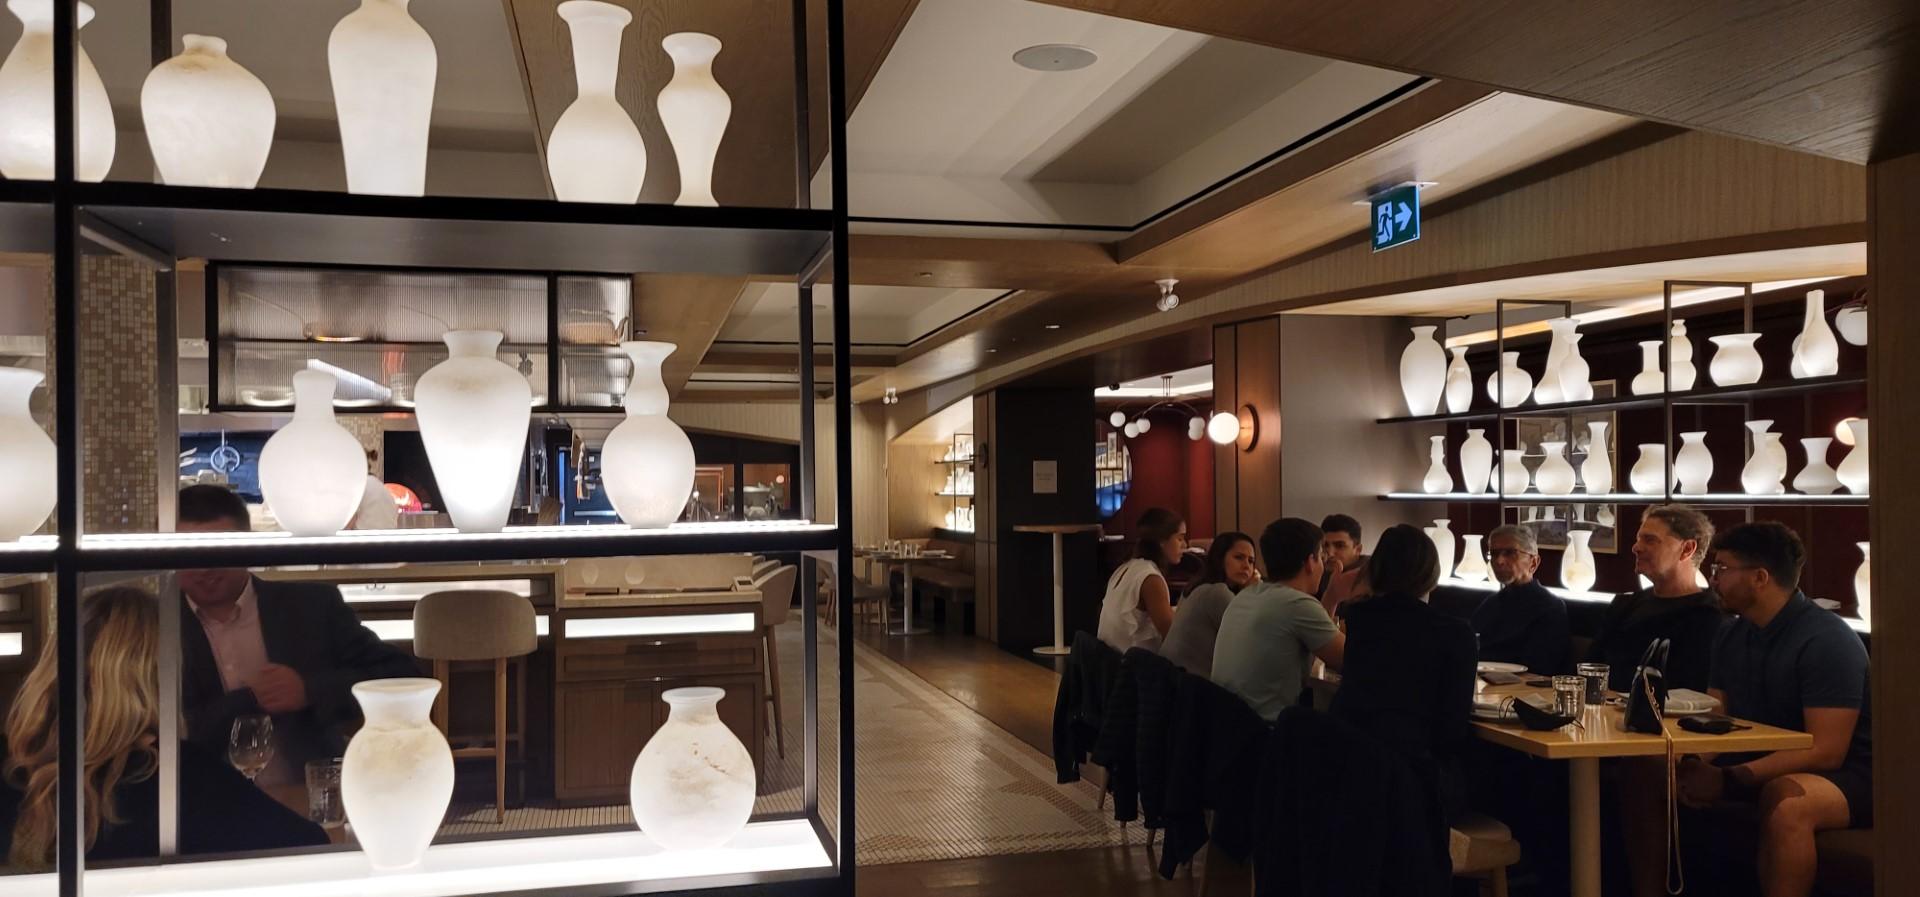 vase lamps lit up in Hotel restaurant